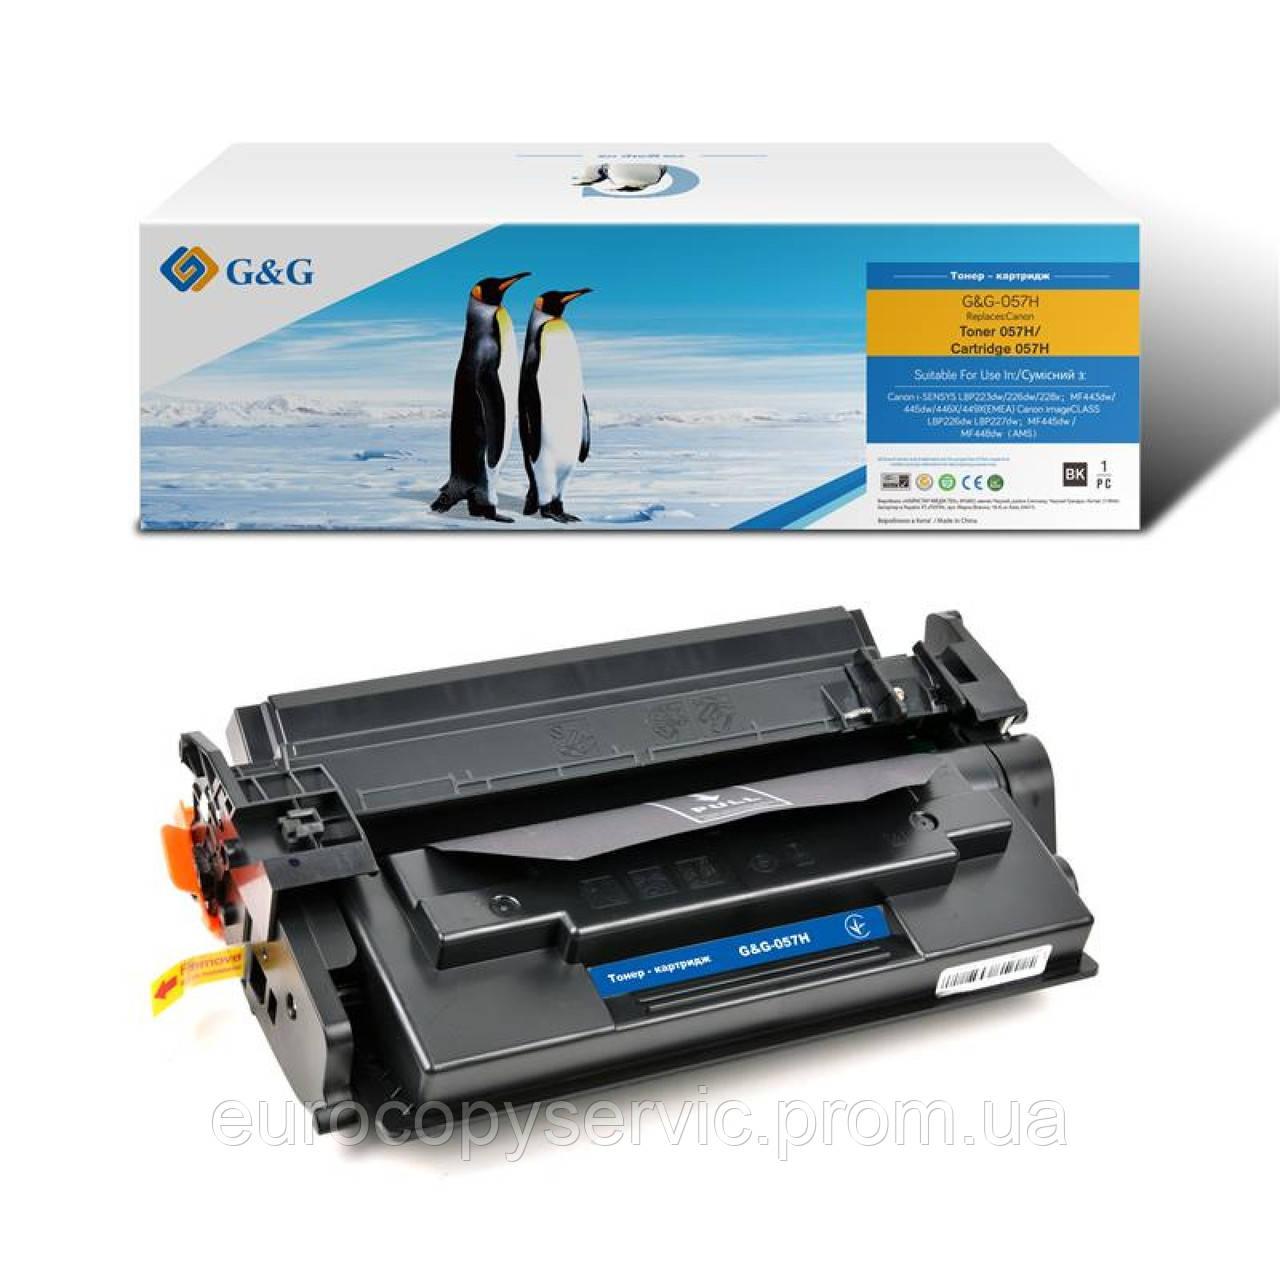 Картридж G&G до Canon 057H LBP223/226/228/MF443/445/446/MF449 3010C002 Black (10000 стор) - без чипа!